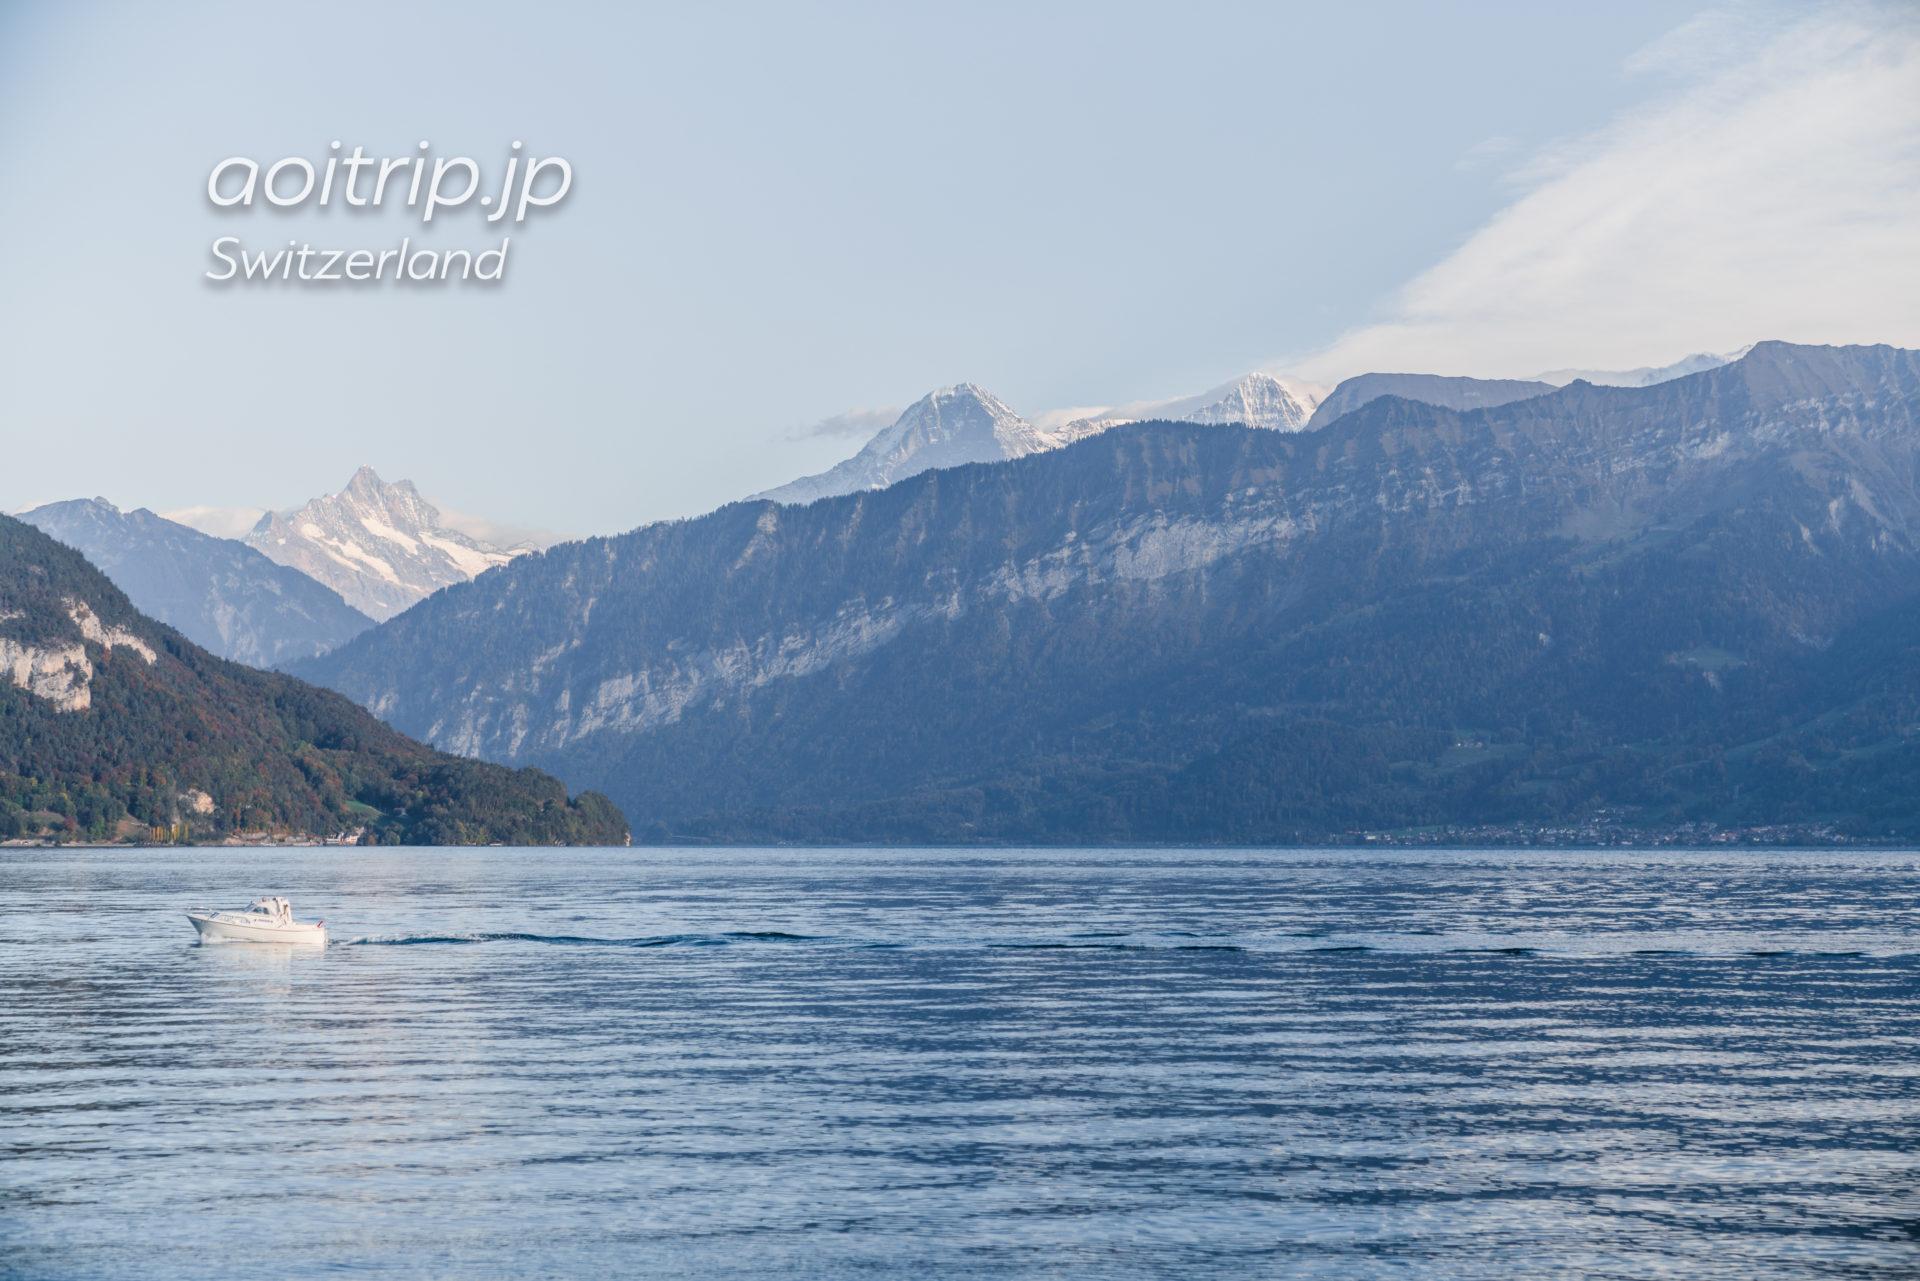 トゥーン湖のクルーズ(遊覧船)から望むアイガーとメンヒ